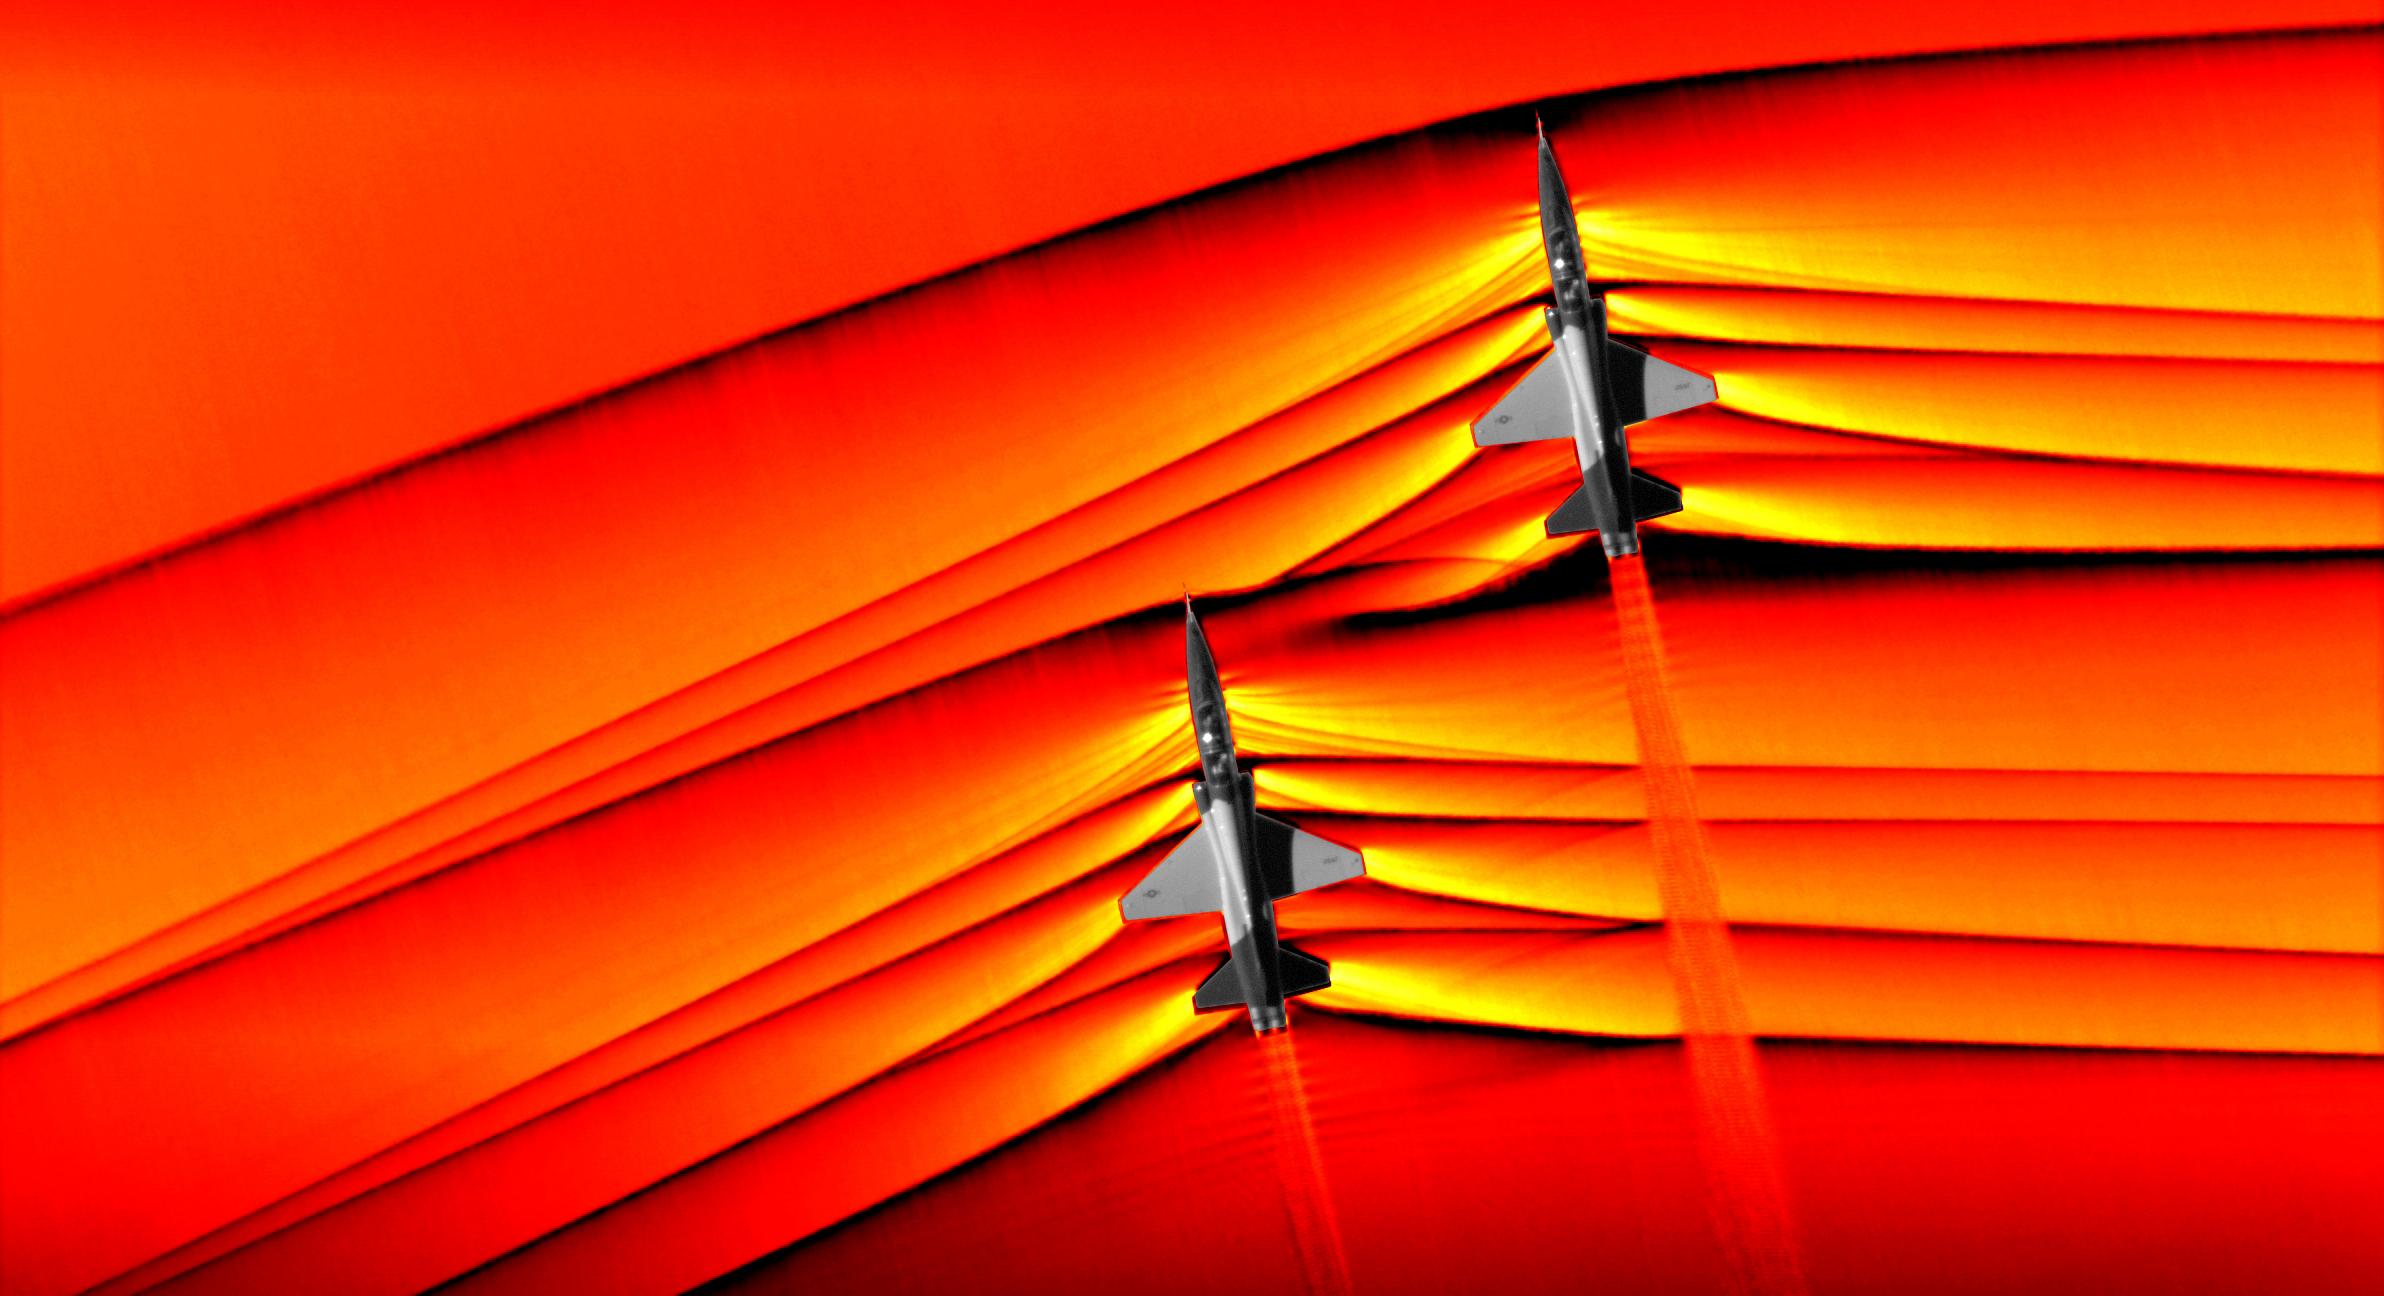 ناسا تحصل على صور لموجات الصدمة الأسرع من الصوت